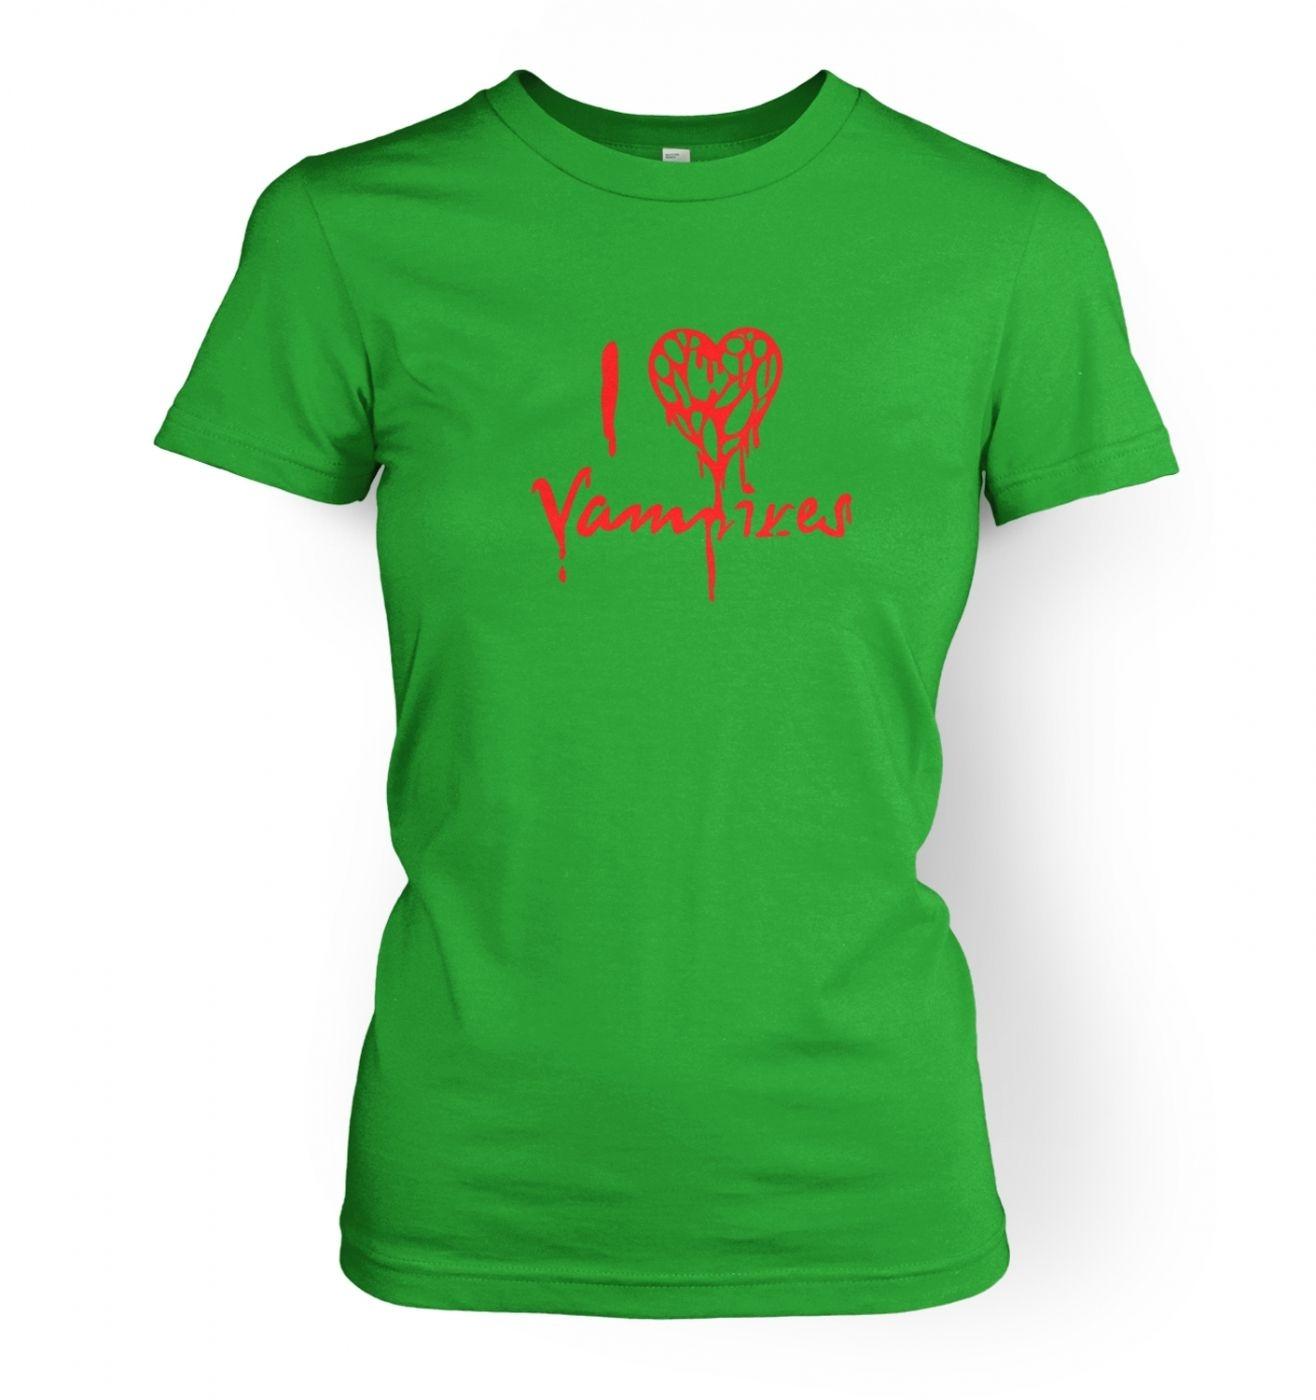 I Heart Vampires women's fitted t-shirt